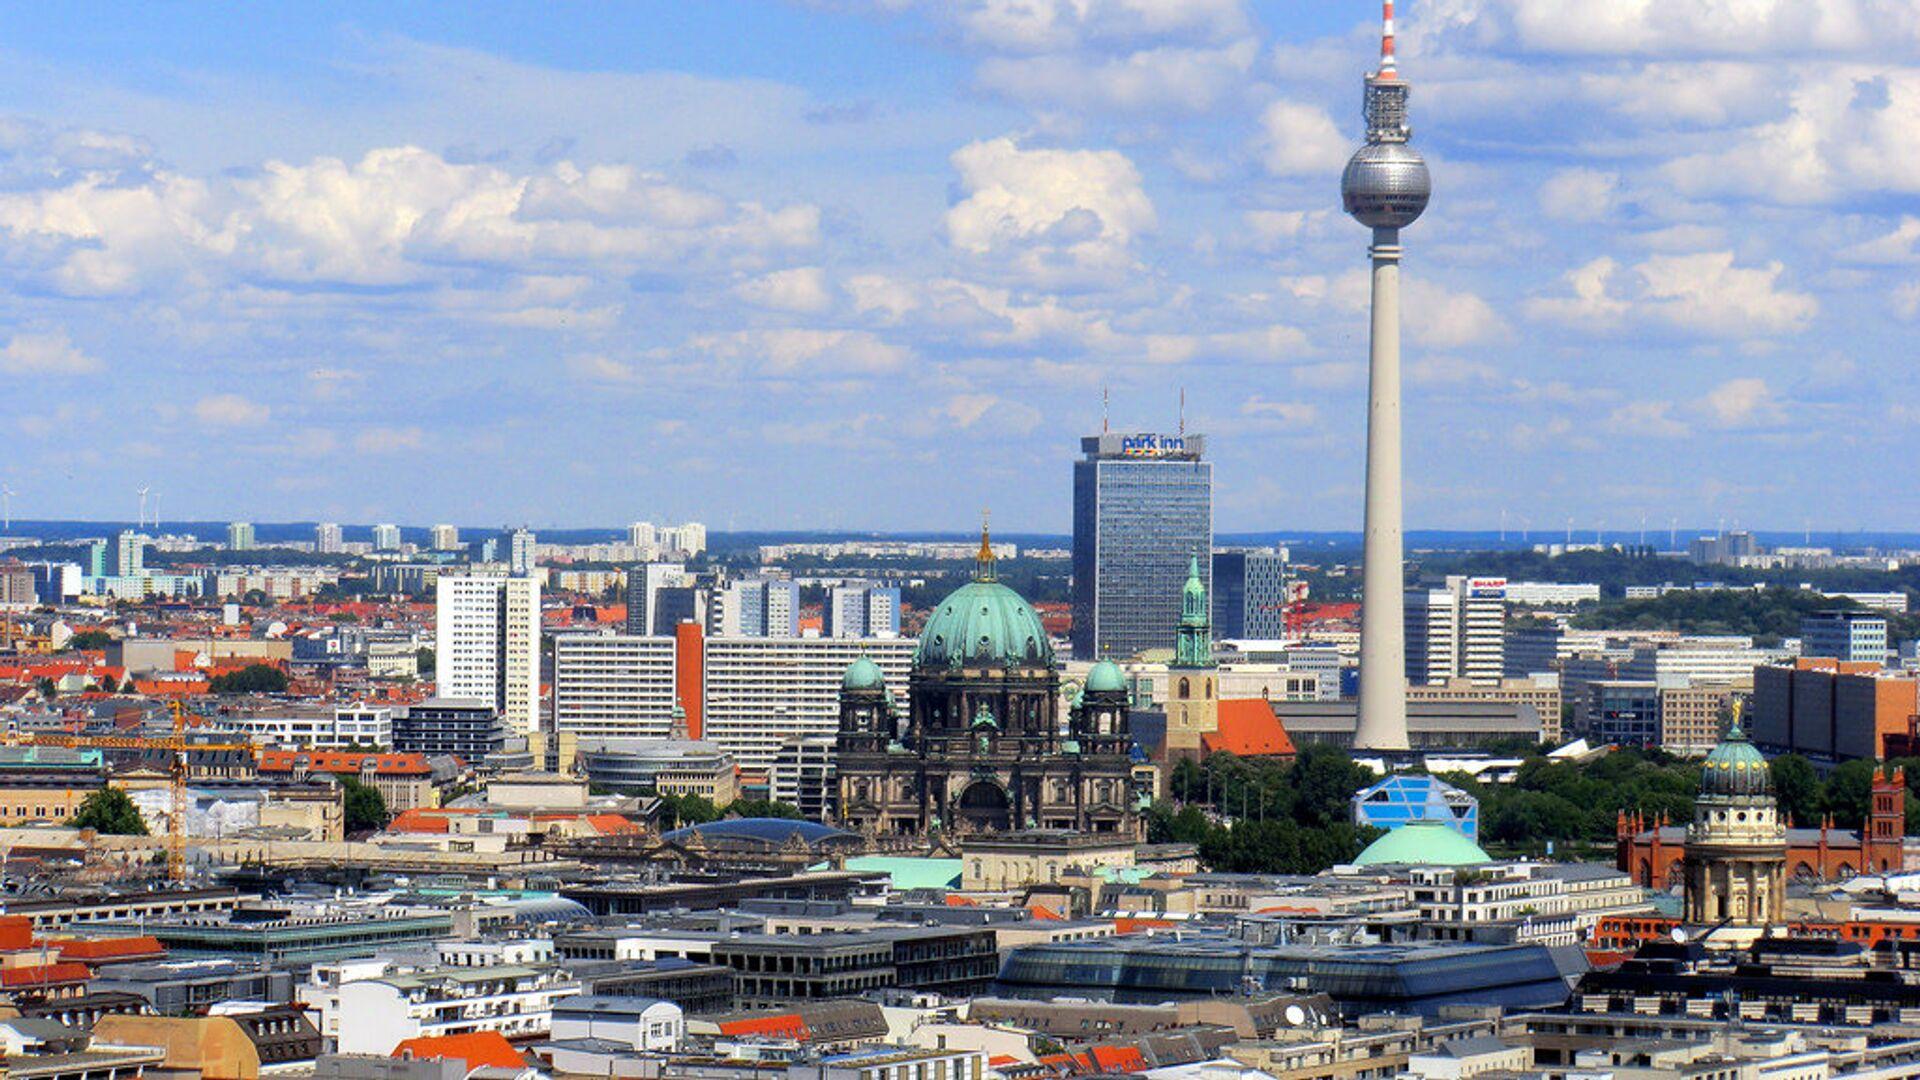 Berlín, la capital de Alemania - Sputnik Mundo, 1920, 01.05.2021